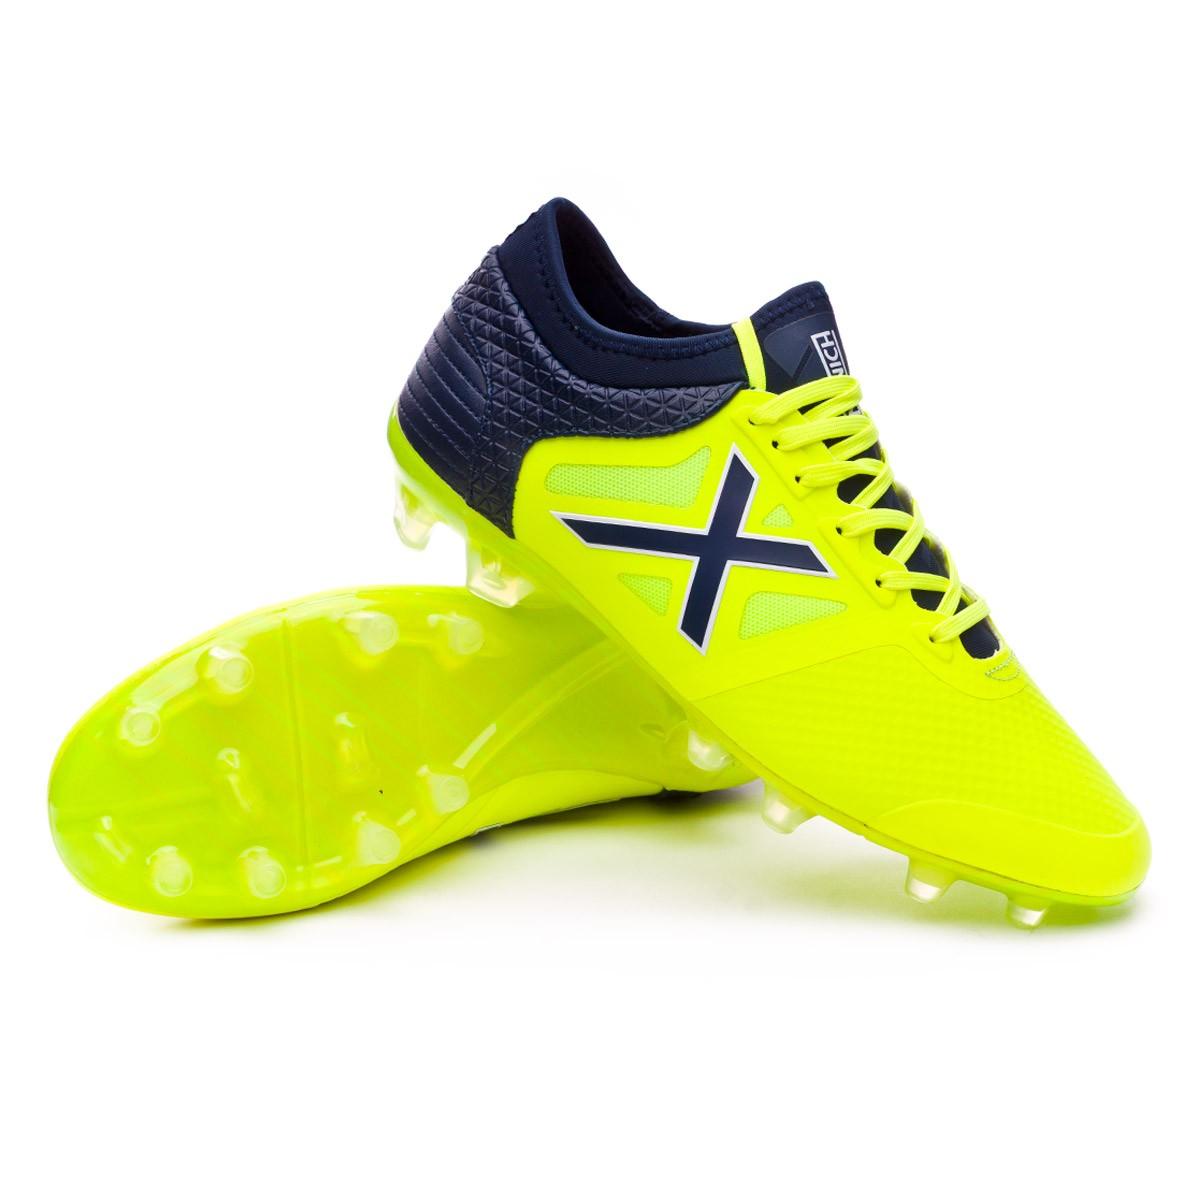 venta de zapatos de futbol mizuno en mexico lima